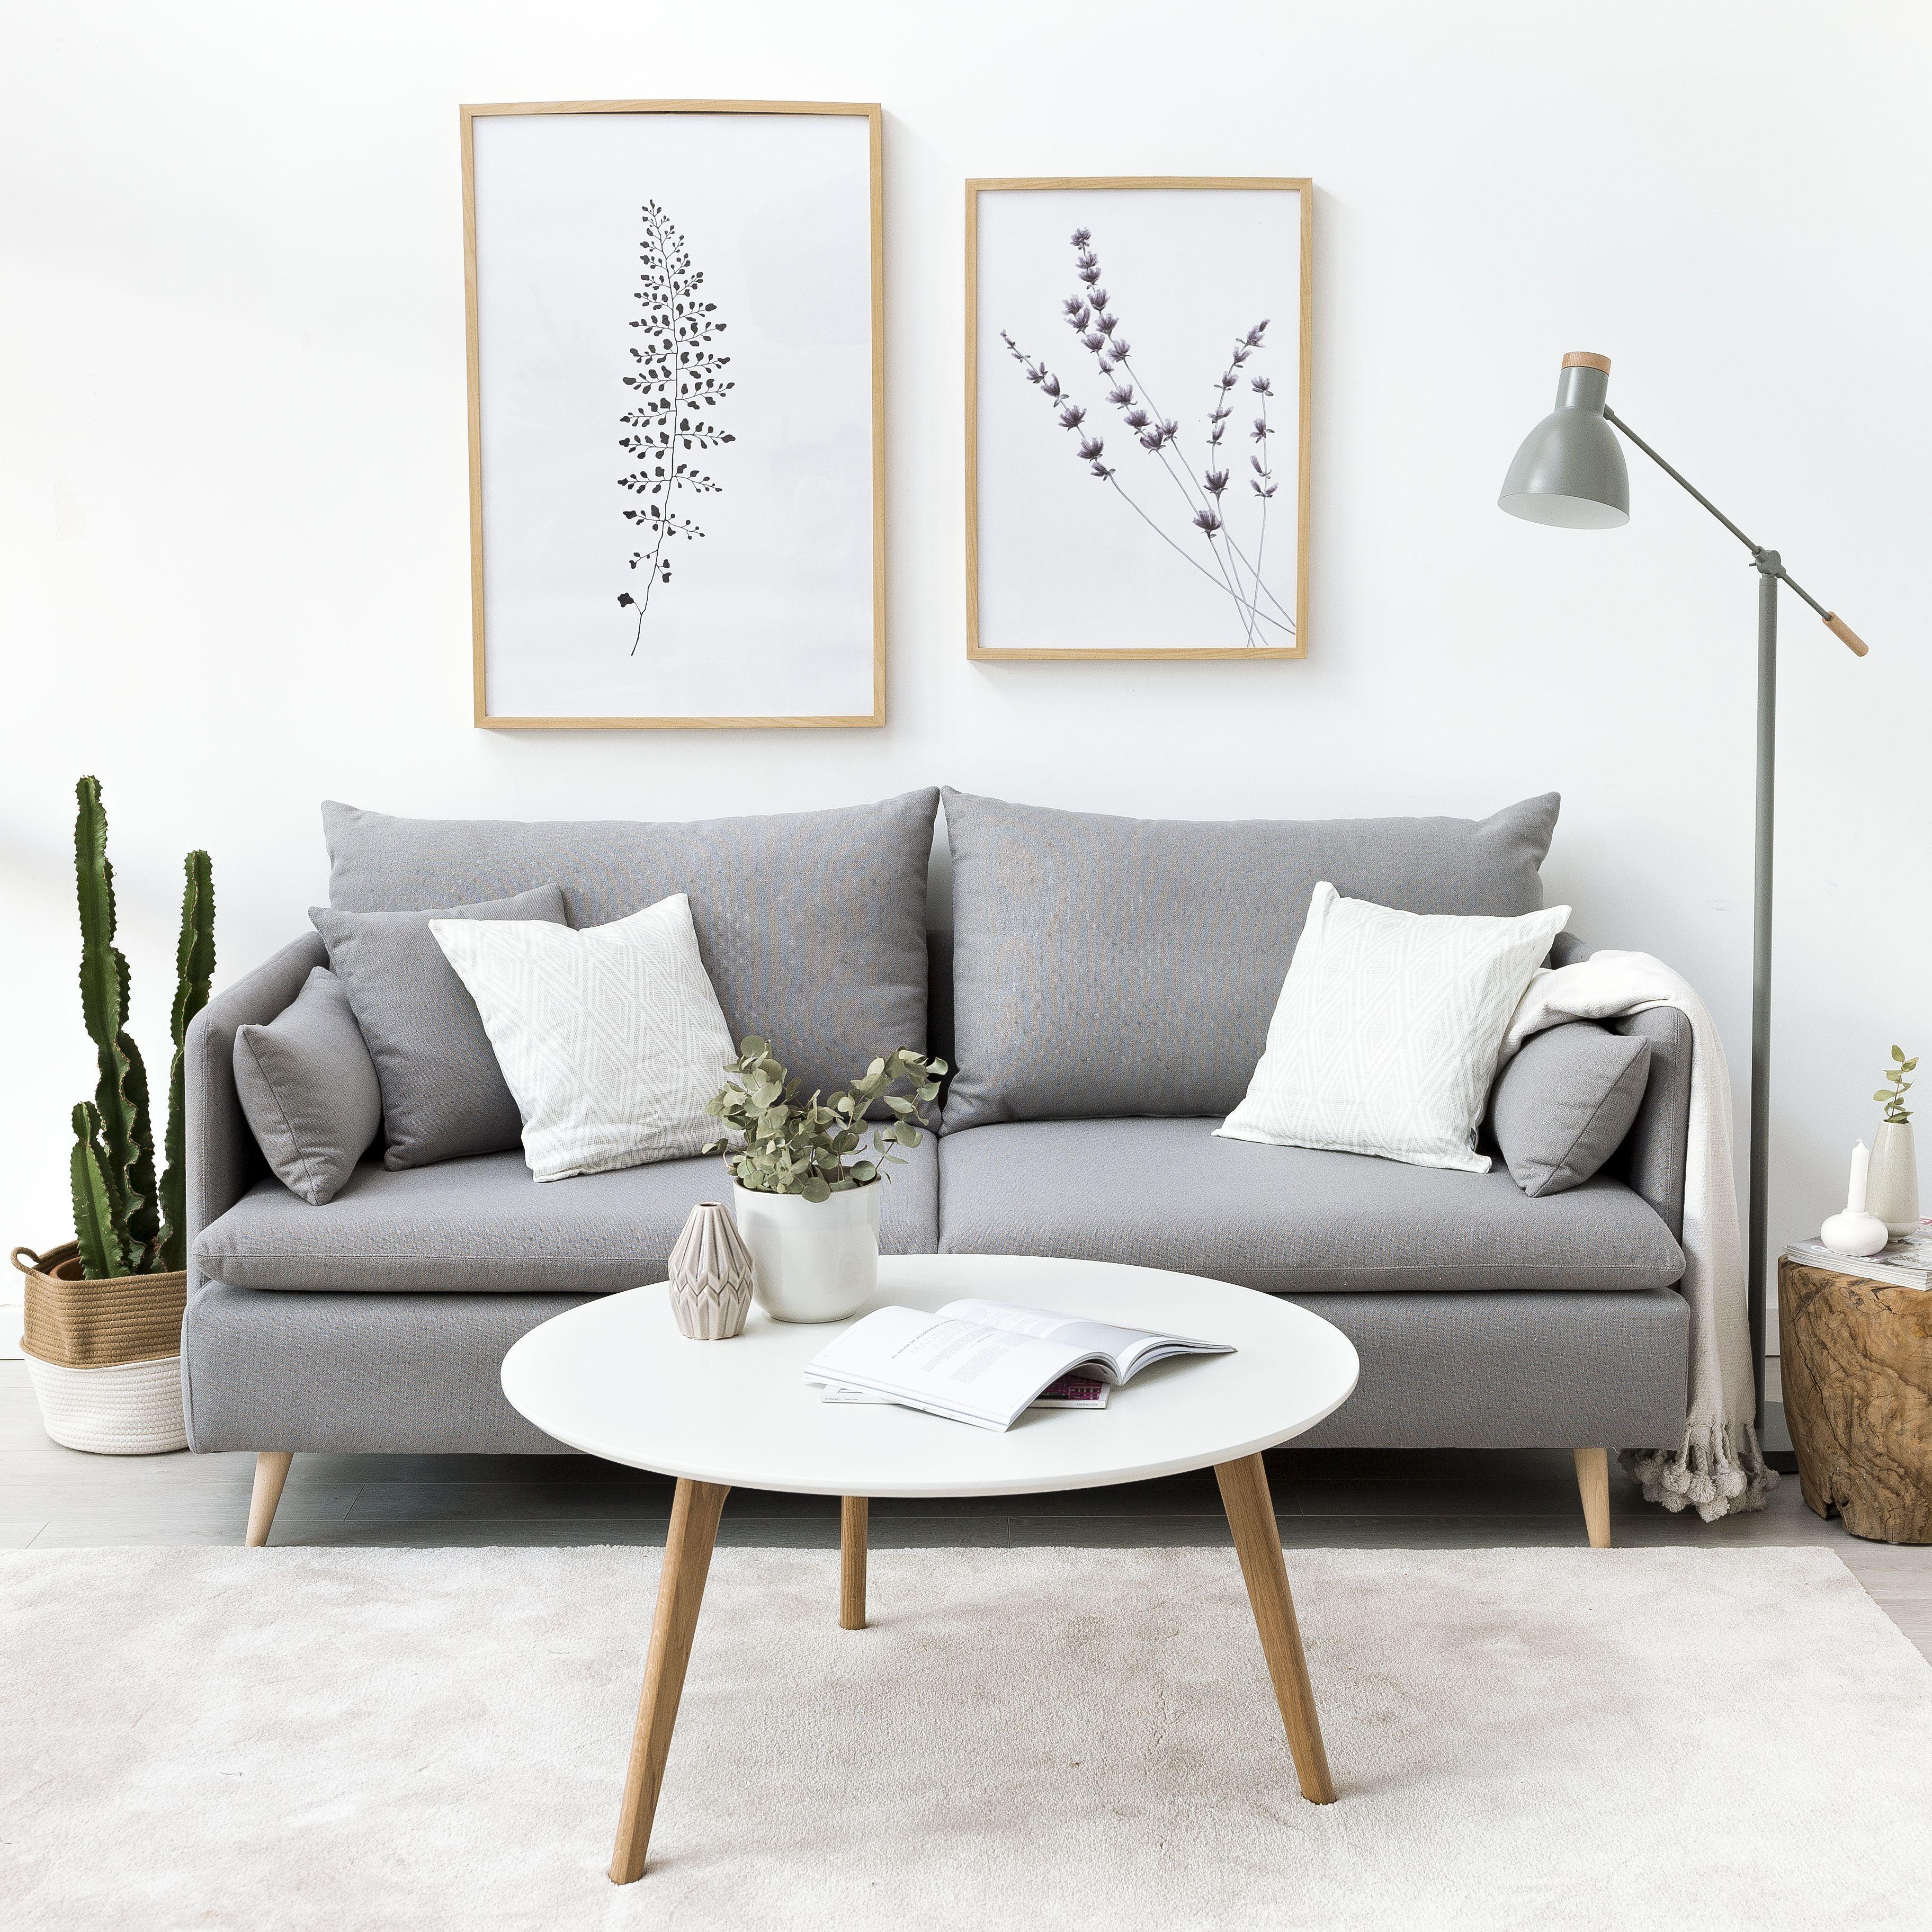 Danko sofá   ¡Dale un toque muy especial al salón! Danko es un sofá ...